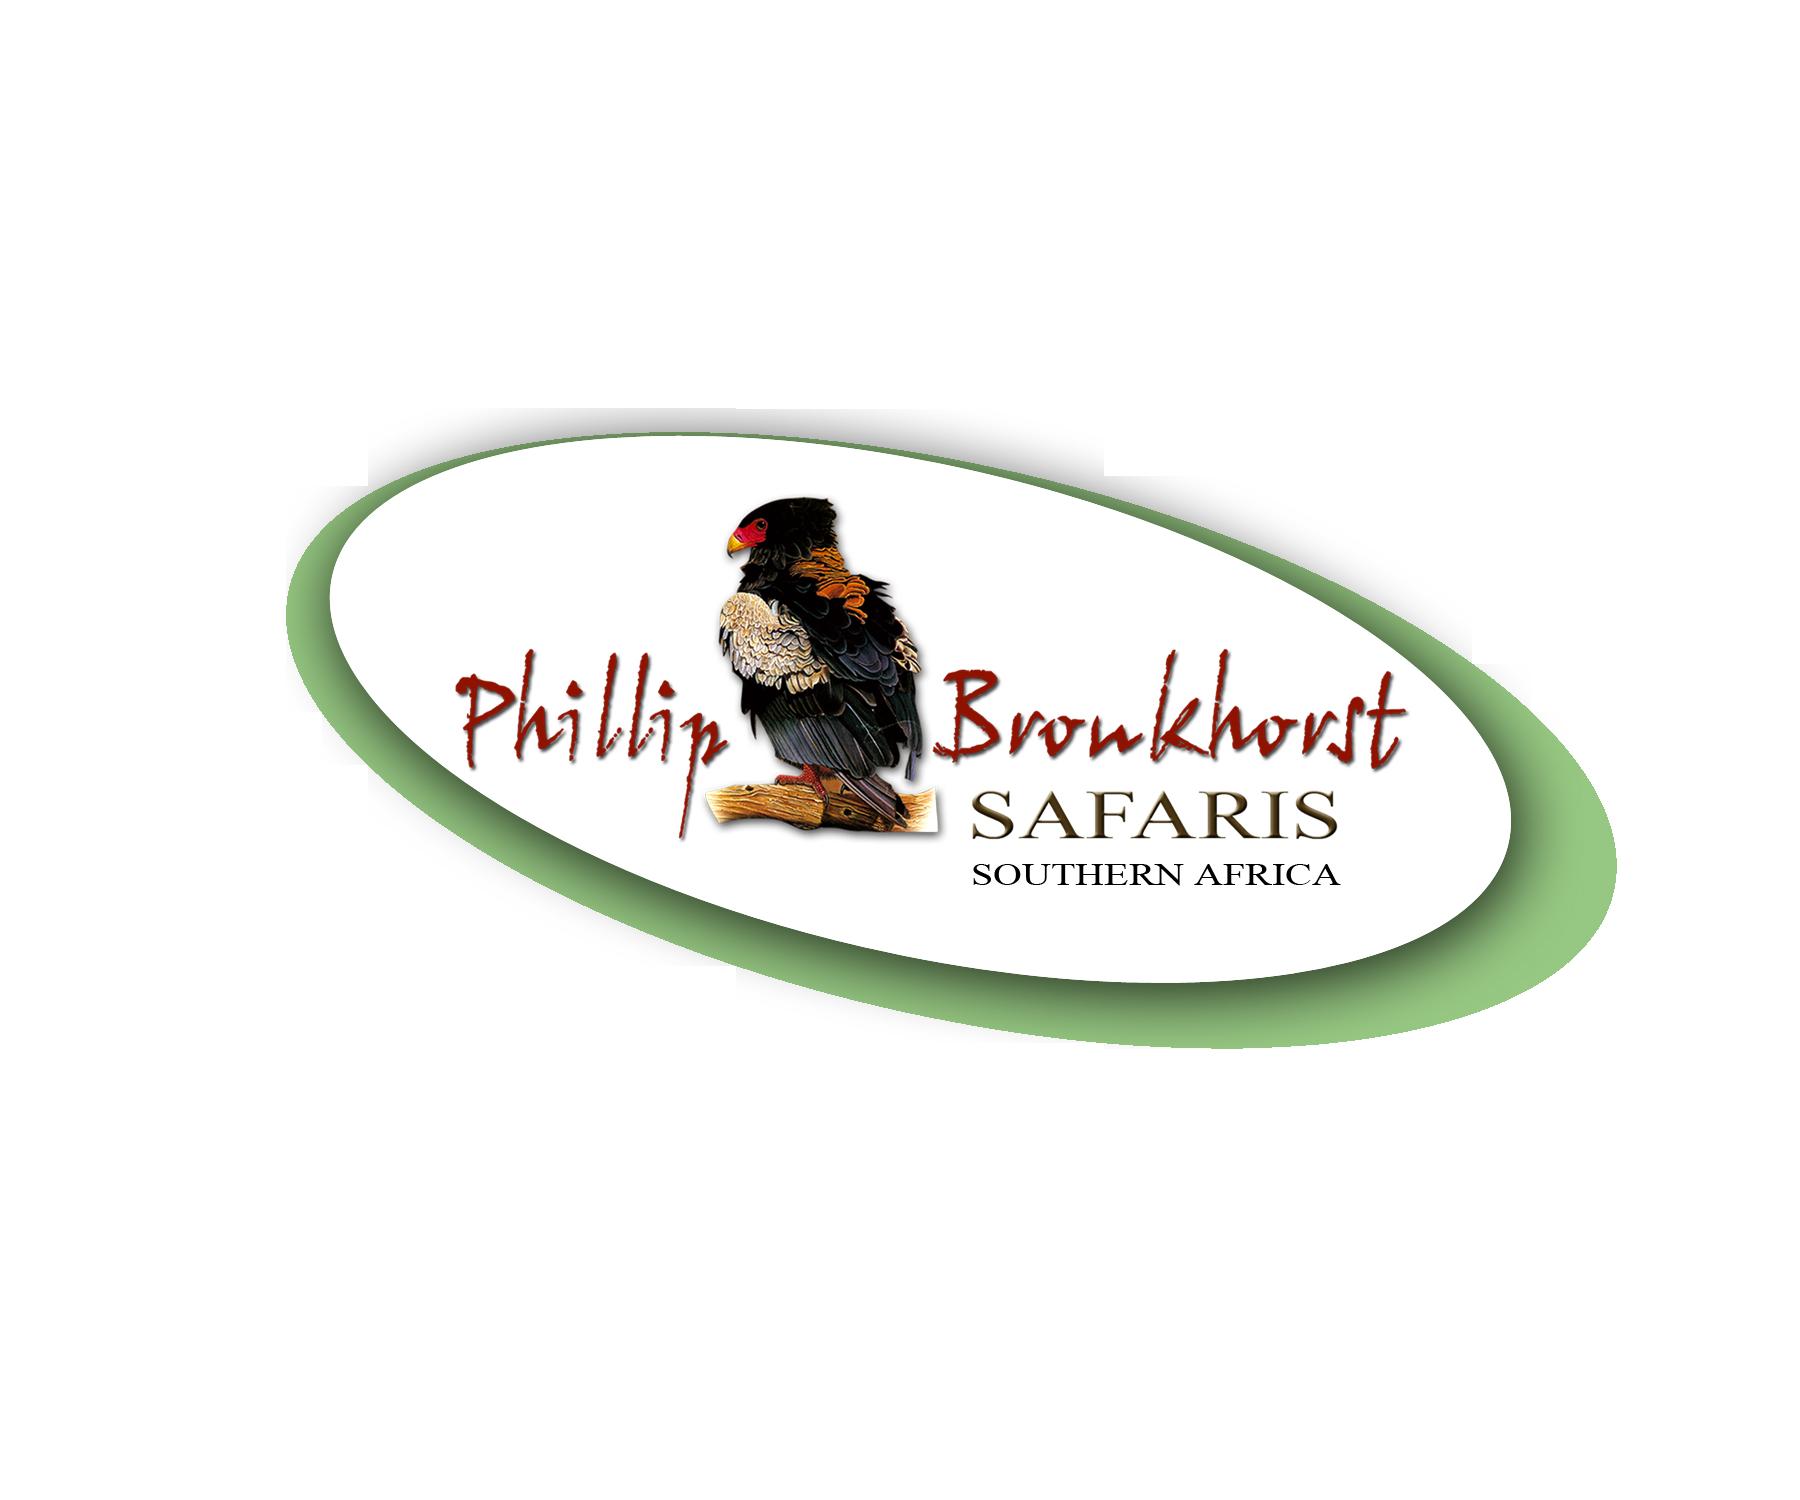 Phillip Bronkhorst.png